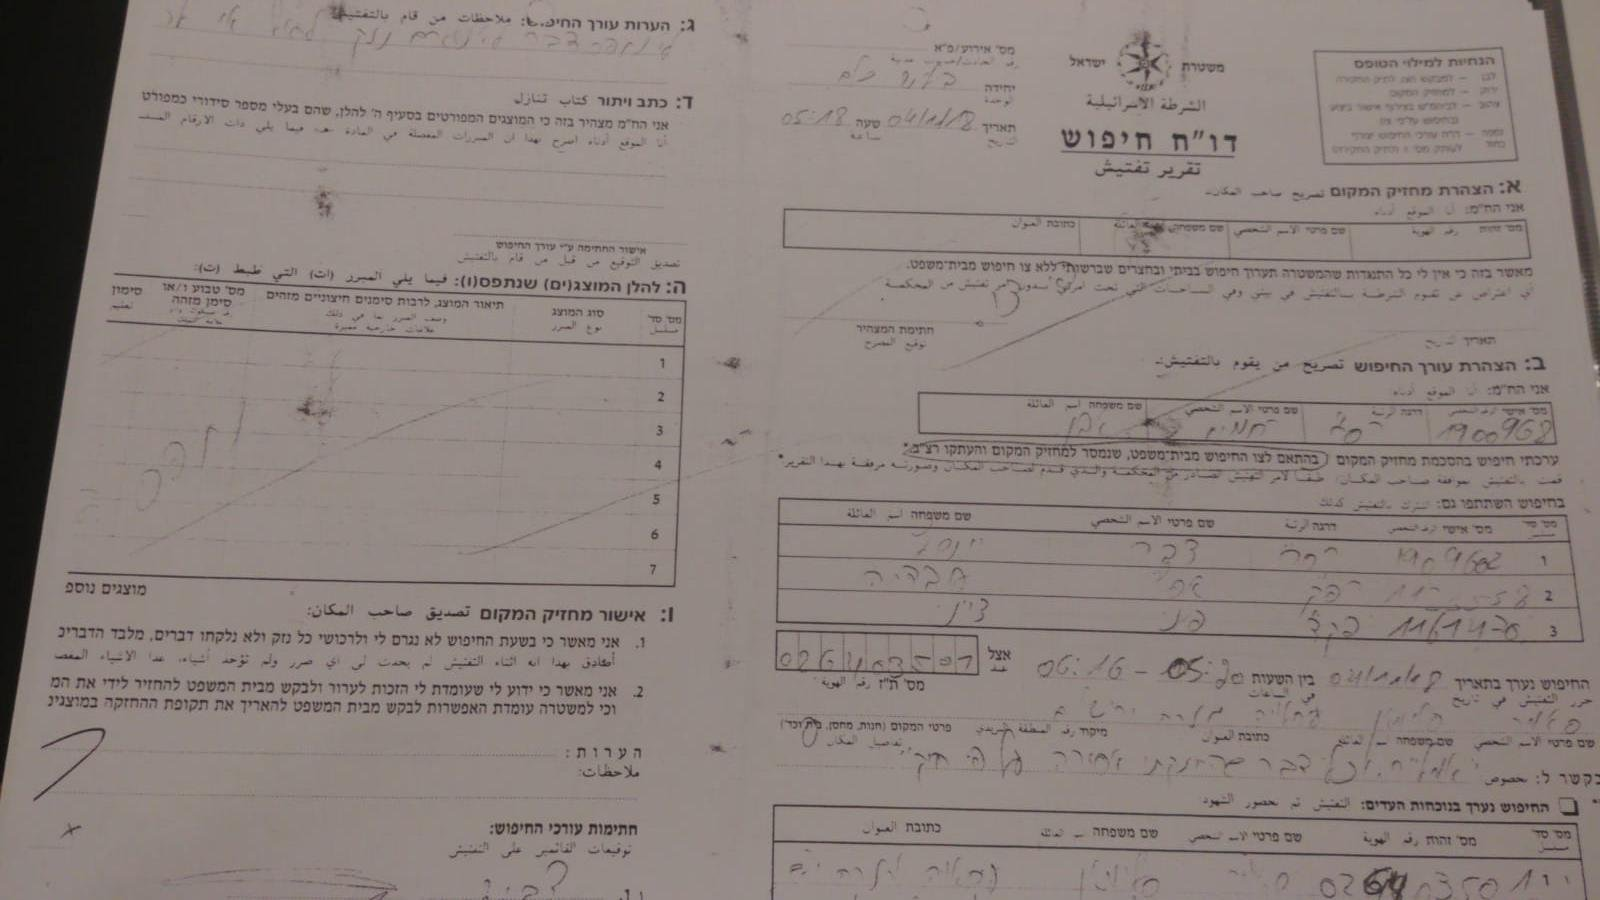 سليمان  من العيسويّة لـبكرا: سأقدم دعوى قضائيّة ضد الشرطة على خلفيّة لواء القدس